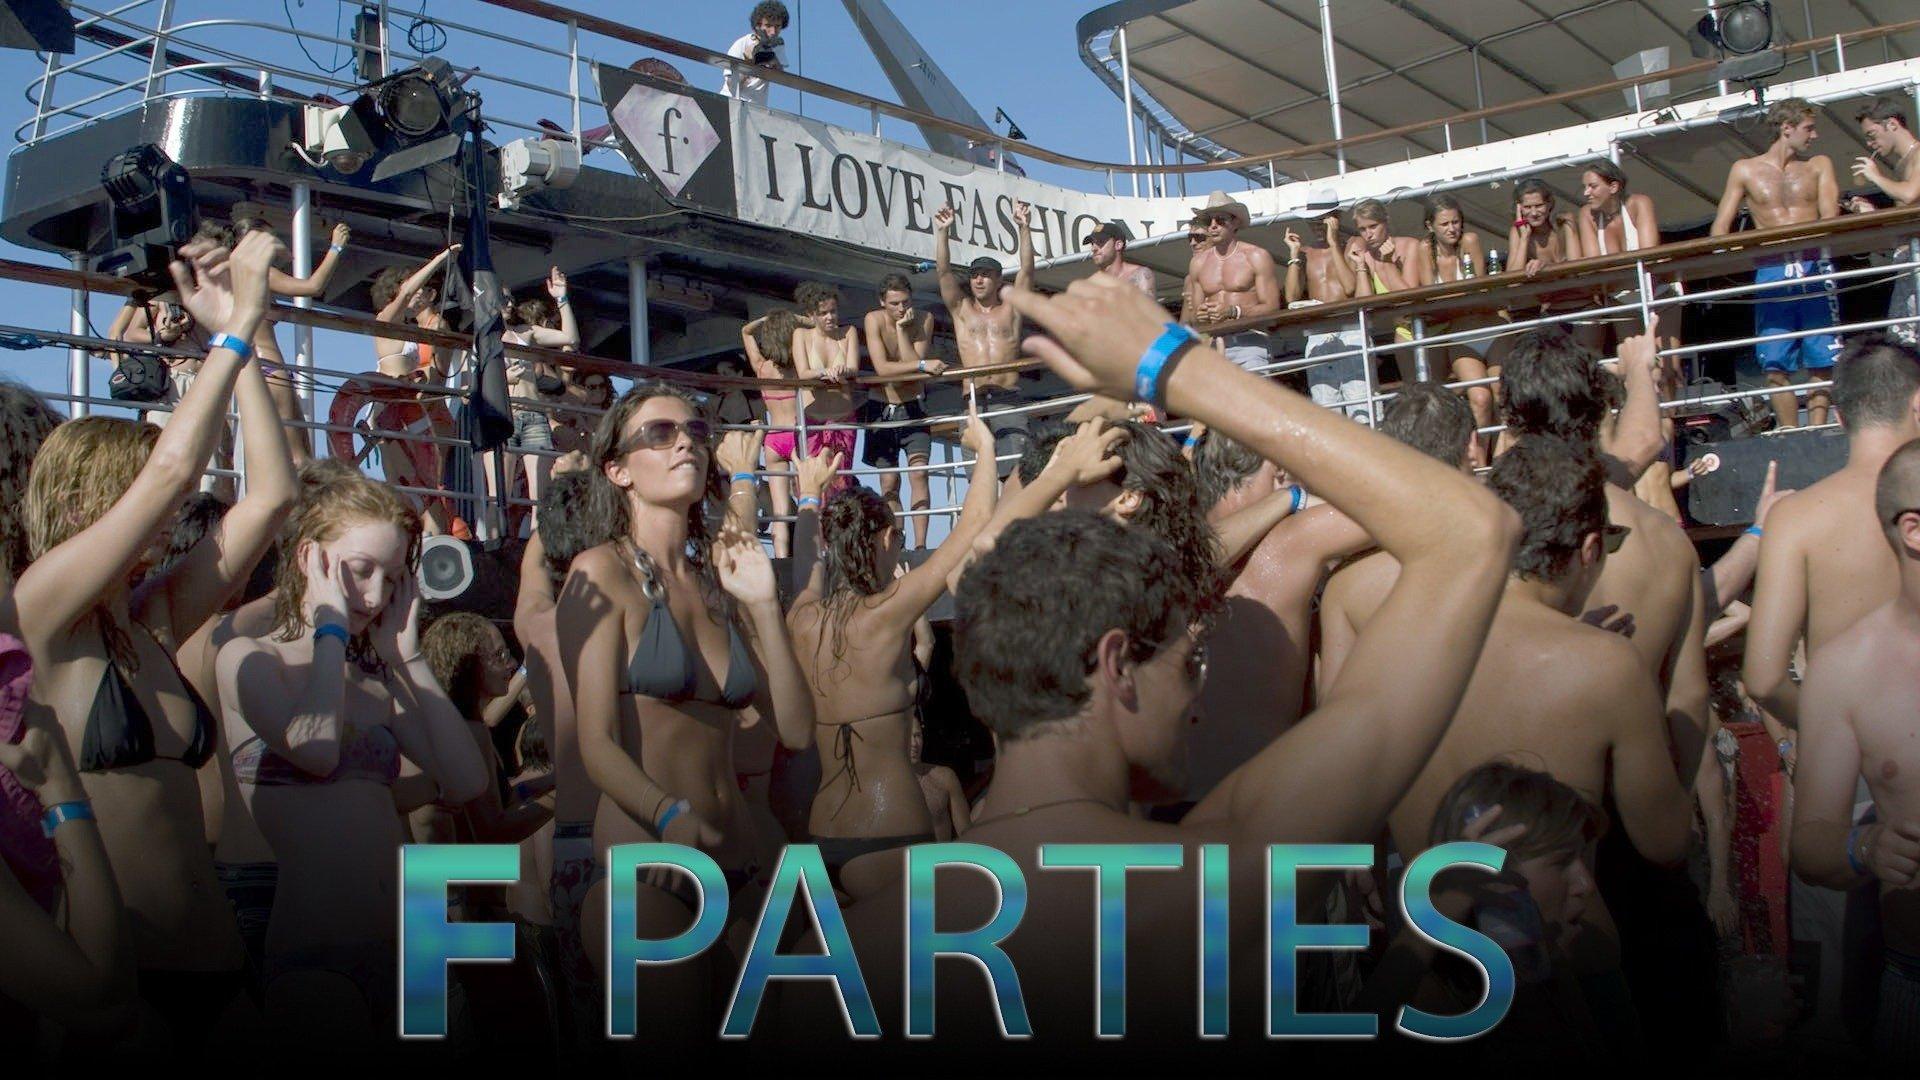 F Parties